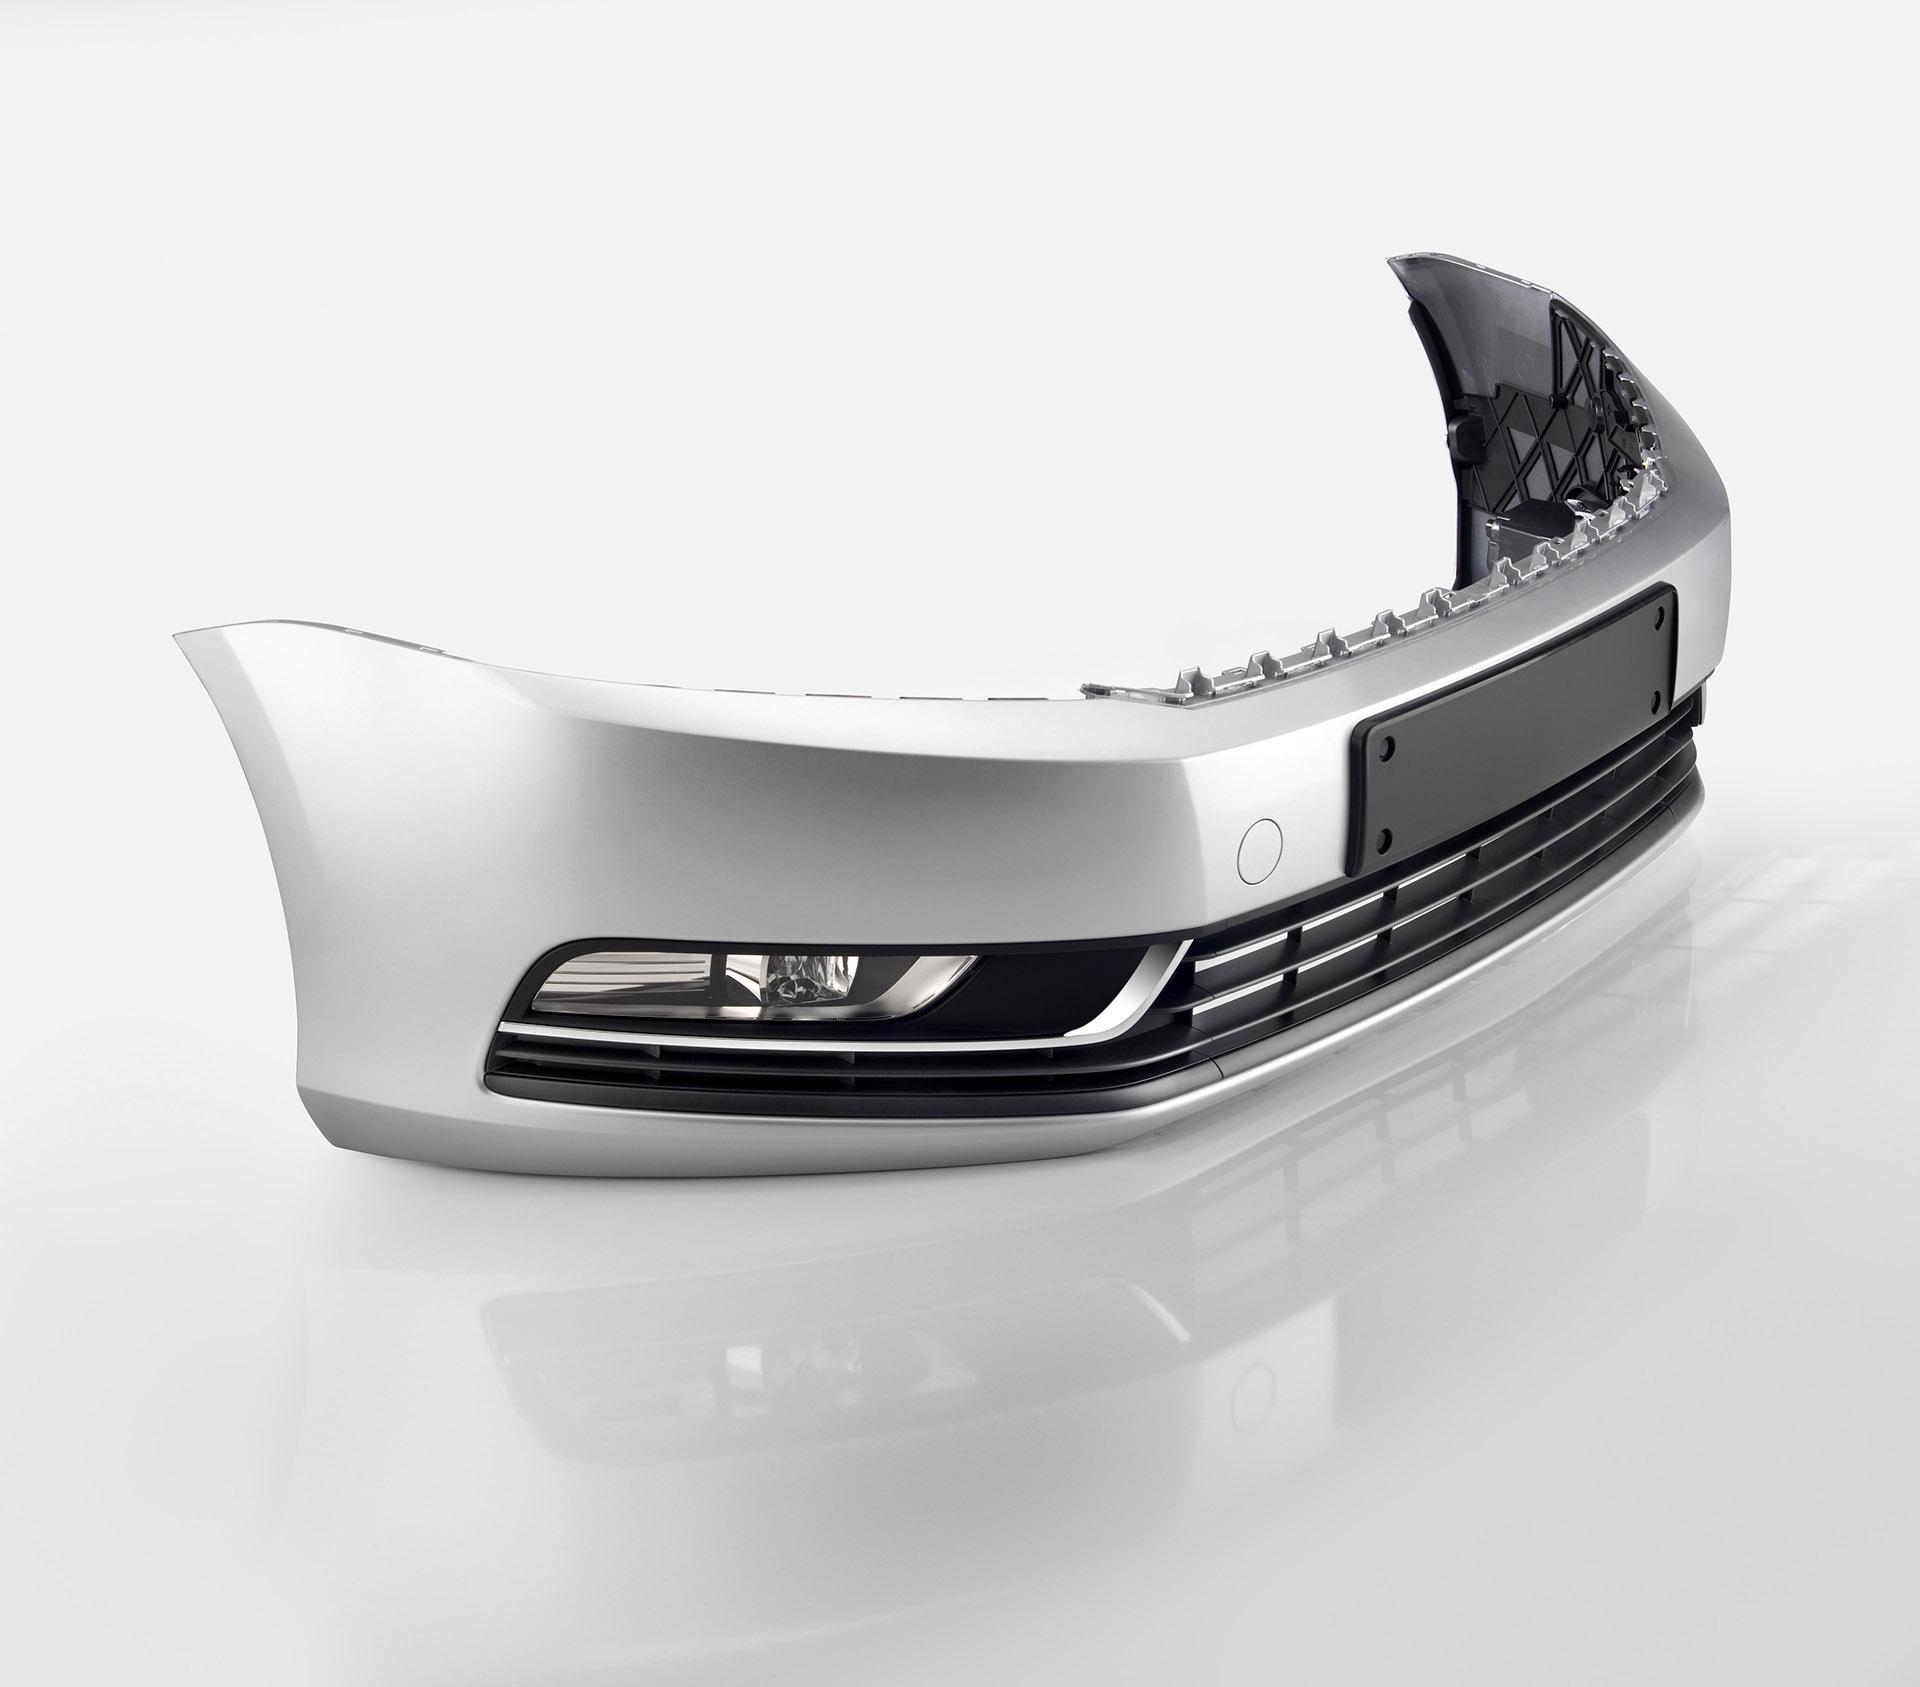 Schräge Ansicht eines Stossfänger für Modell Audi Q7. Feigfotodesign